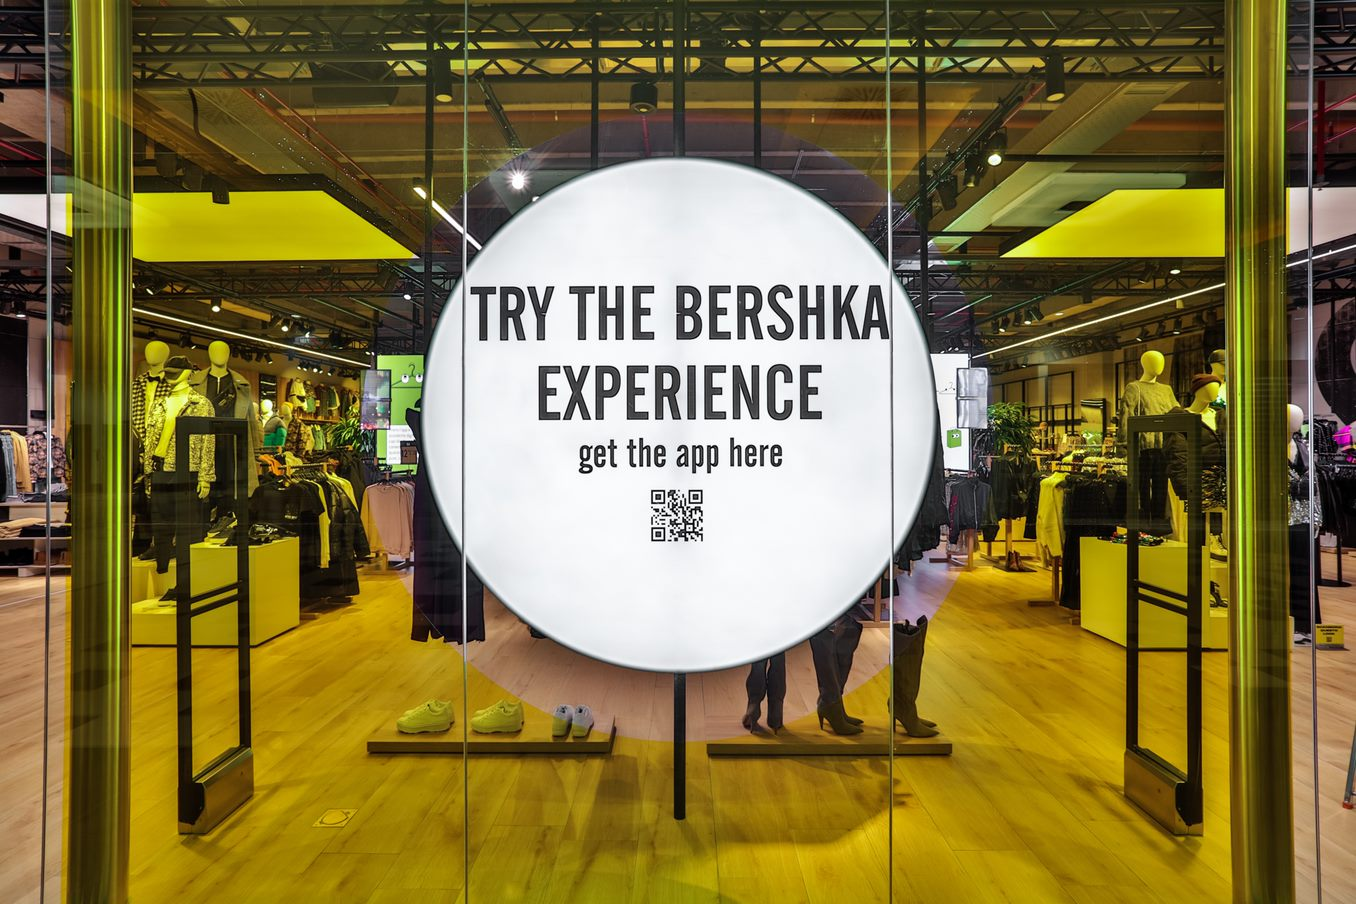 bershka shopping experience digital